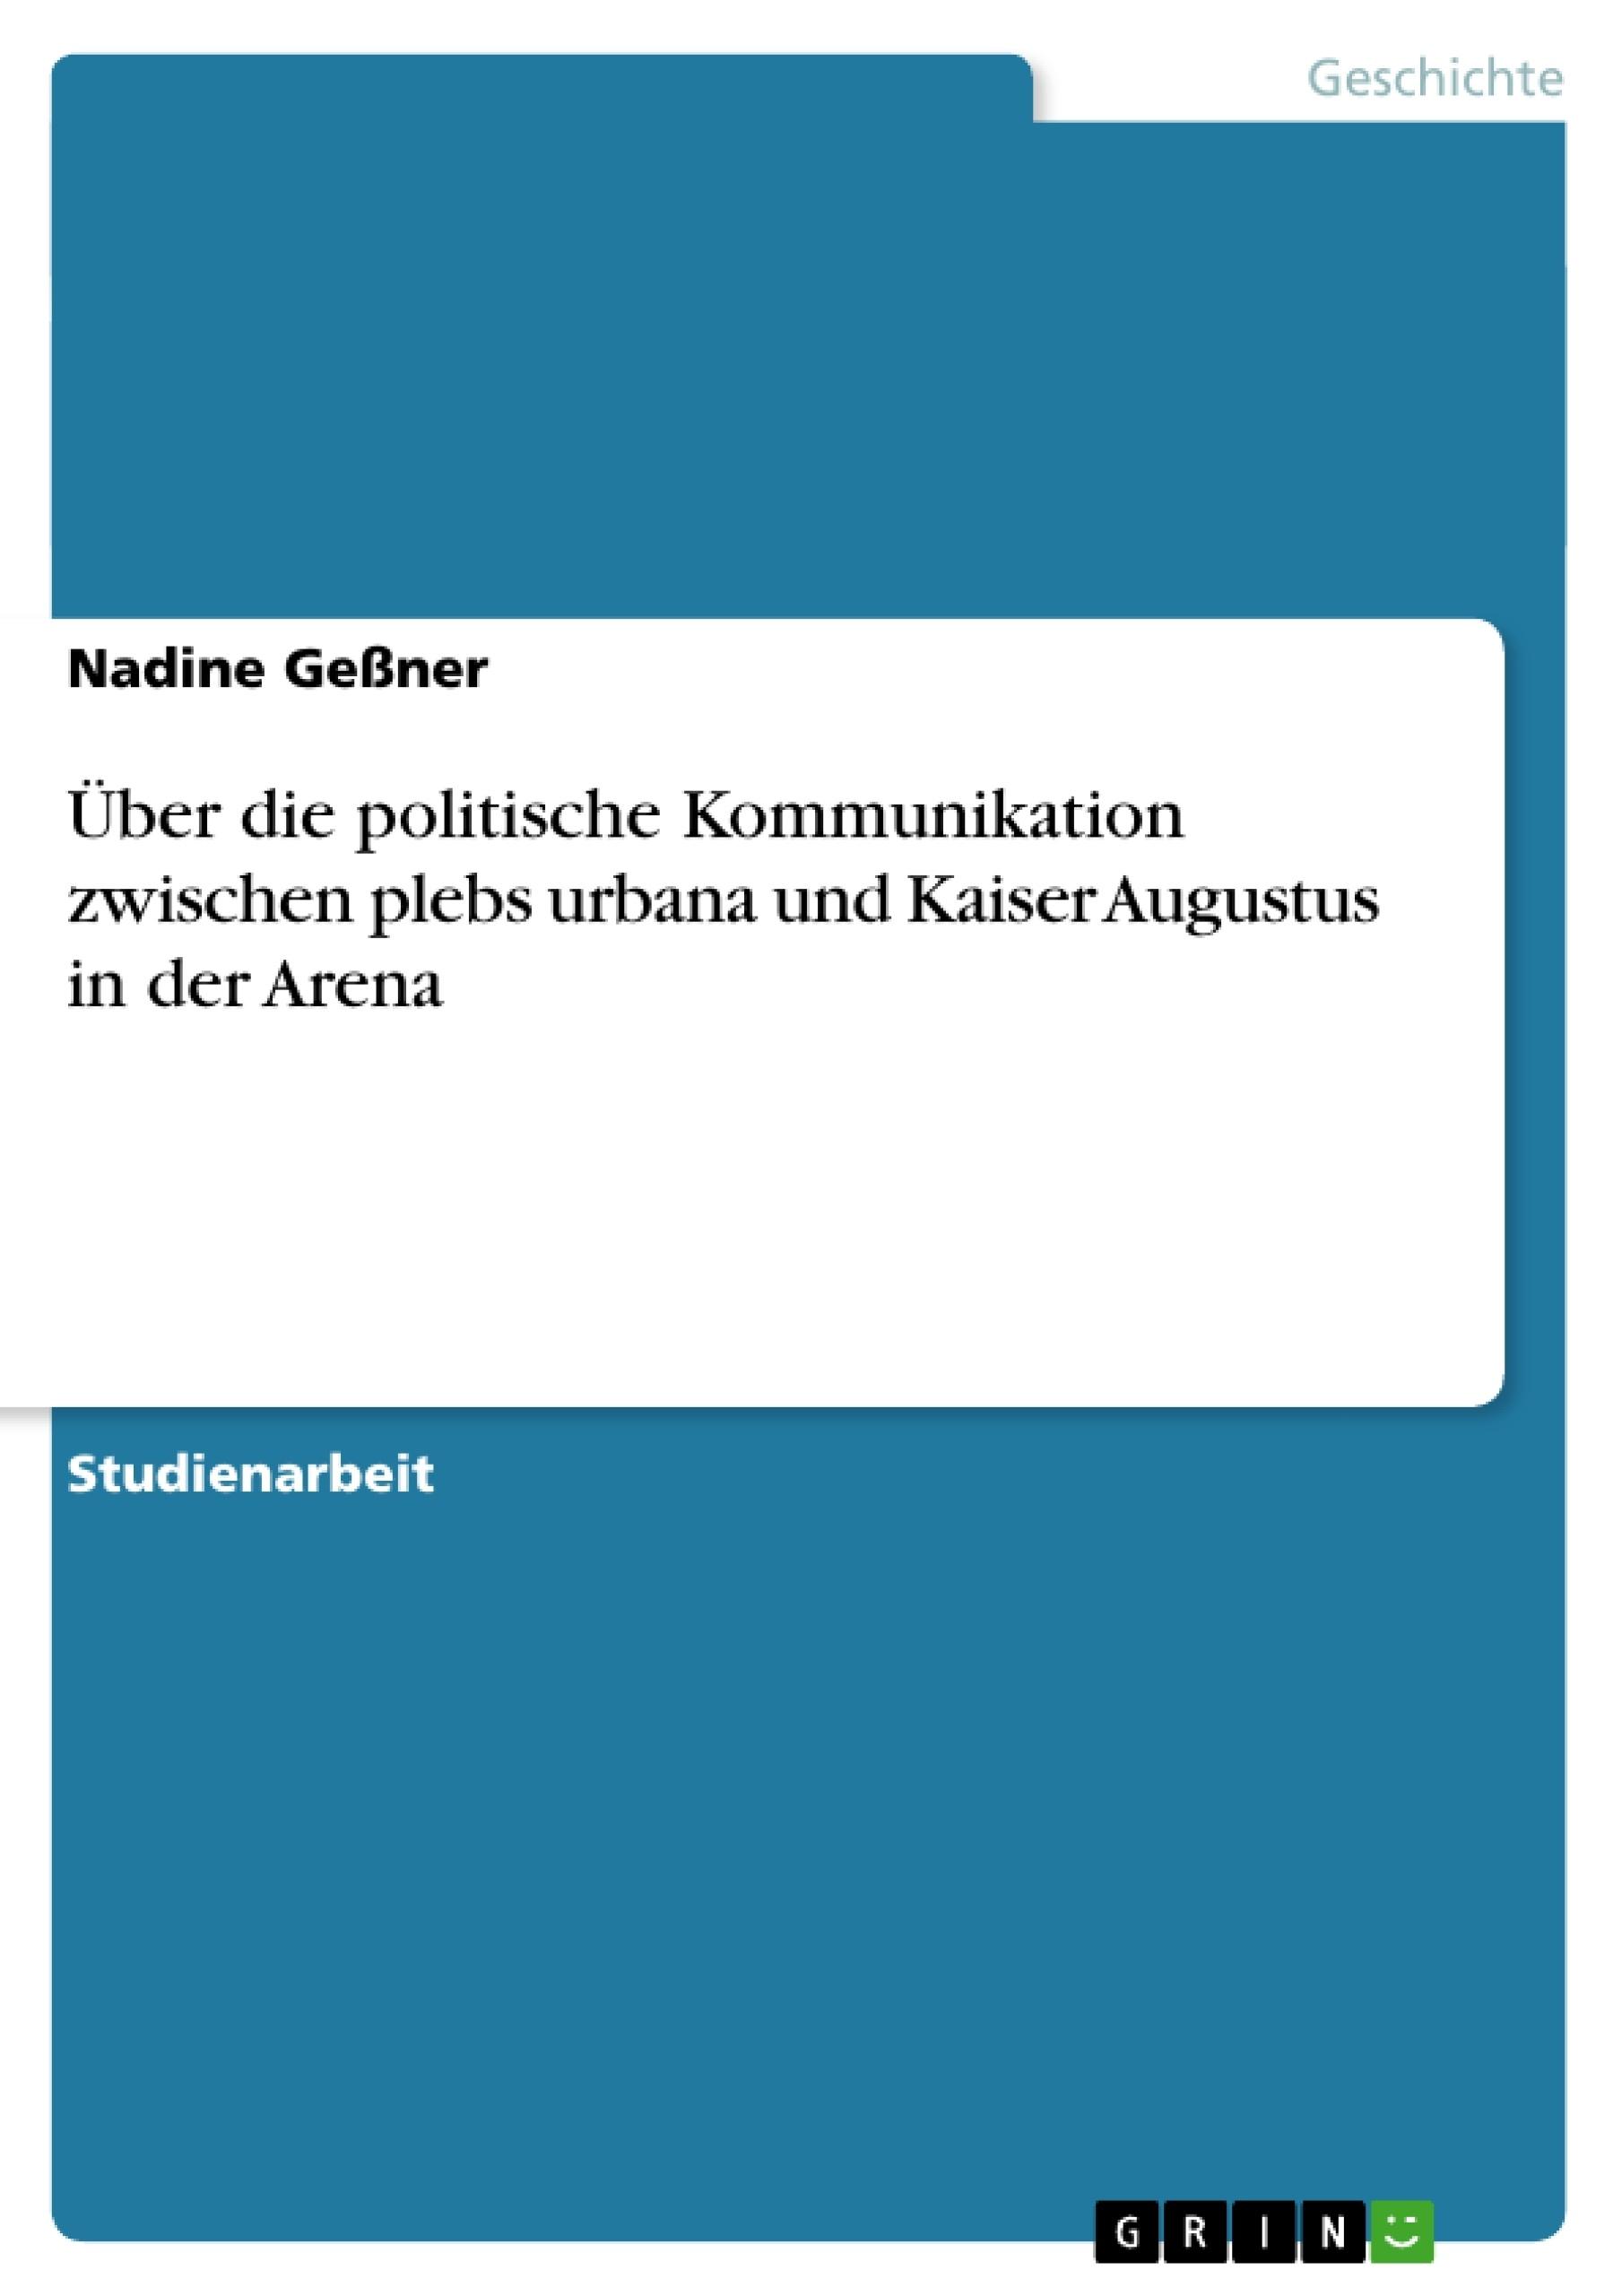 Titel: Über die politische Kommunikation zwischen plebs urbana und Kaiser Augustus in der Arena